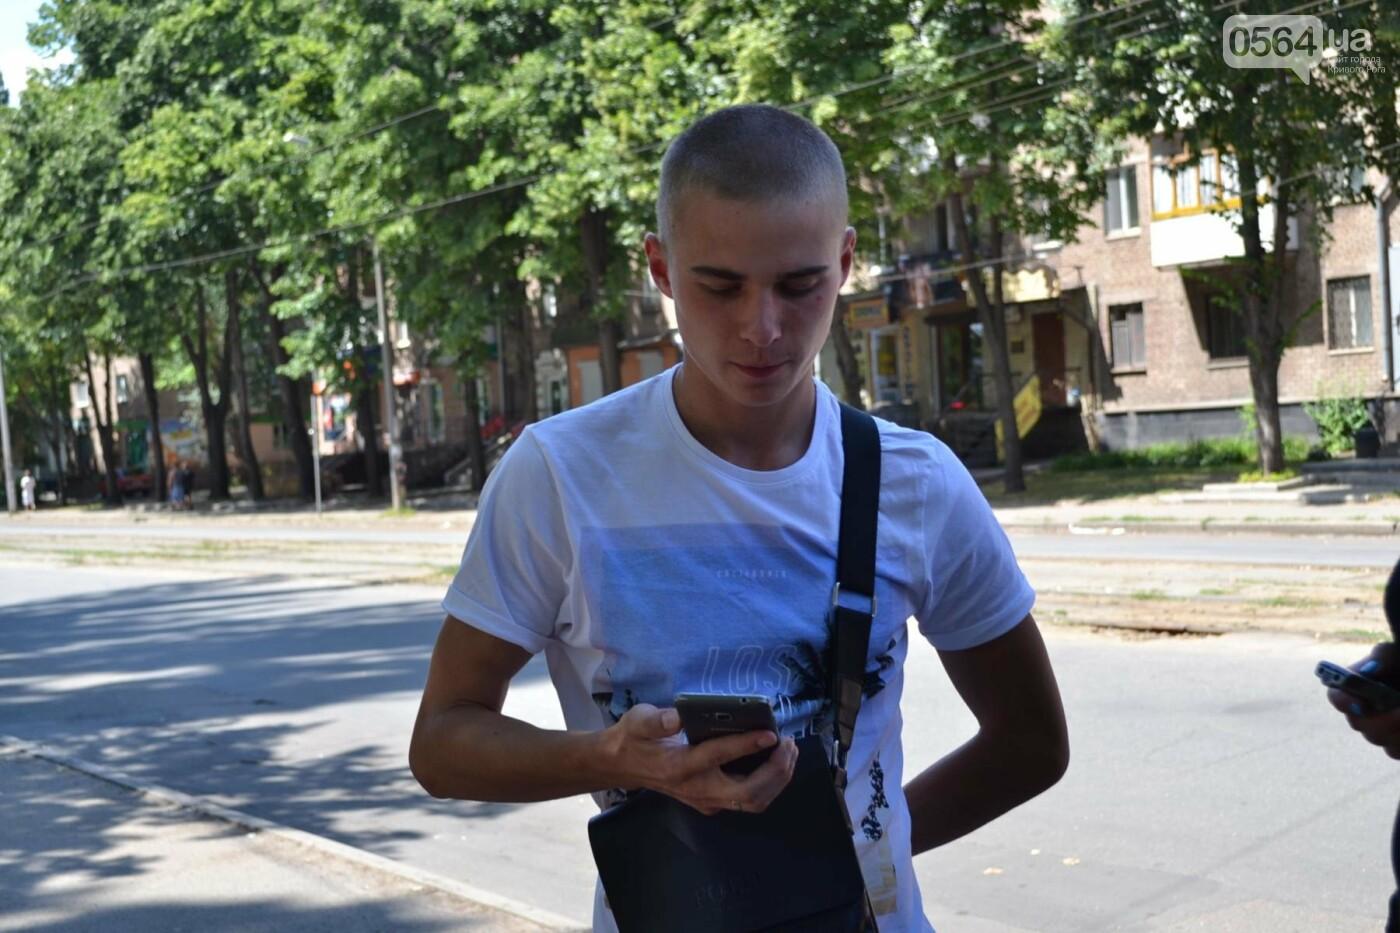 """В Кривом Роге активисты обнаружили очередную """"наливайку"""", а полицейский назвал это """"фигней"""", - ФОТО, ВИДЕО, фото-7"""